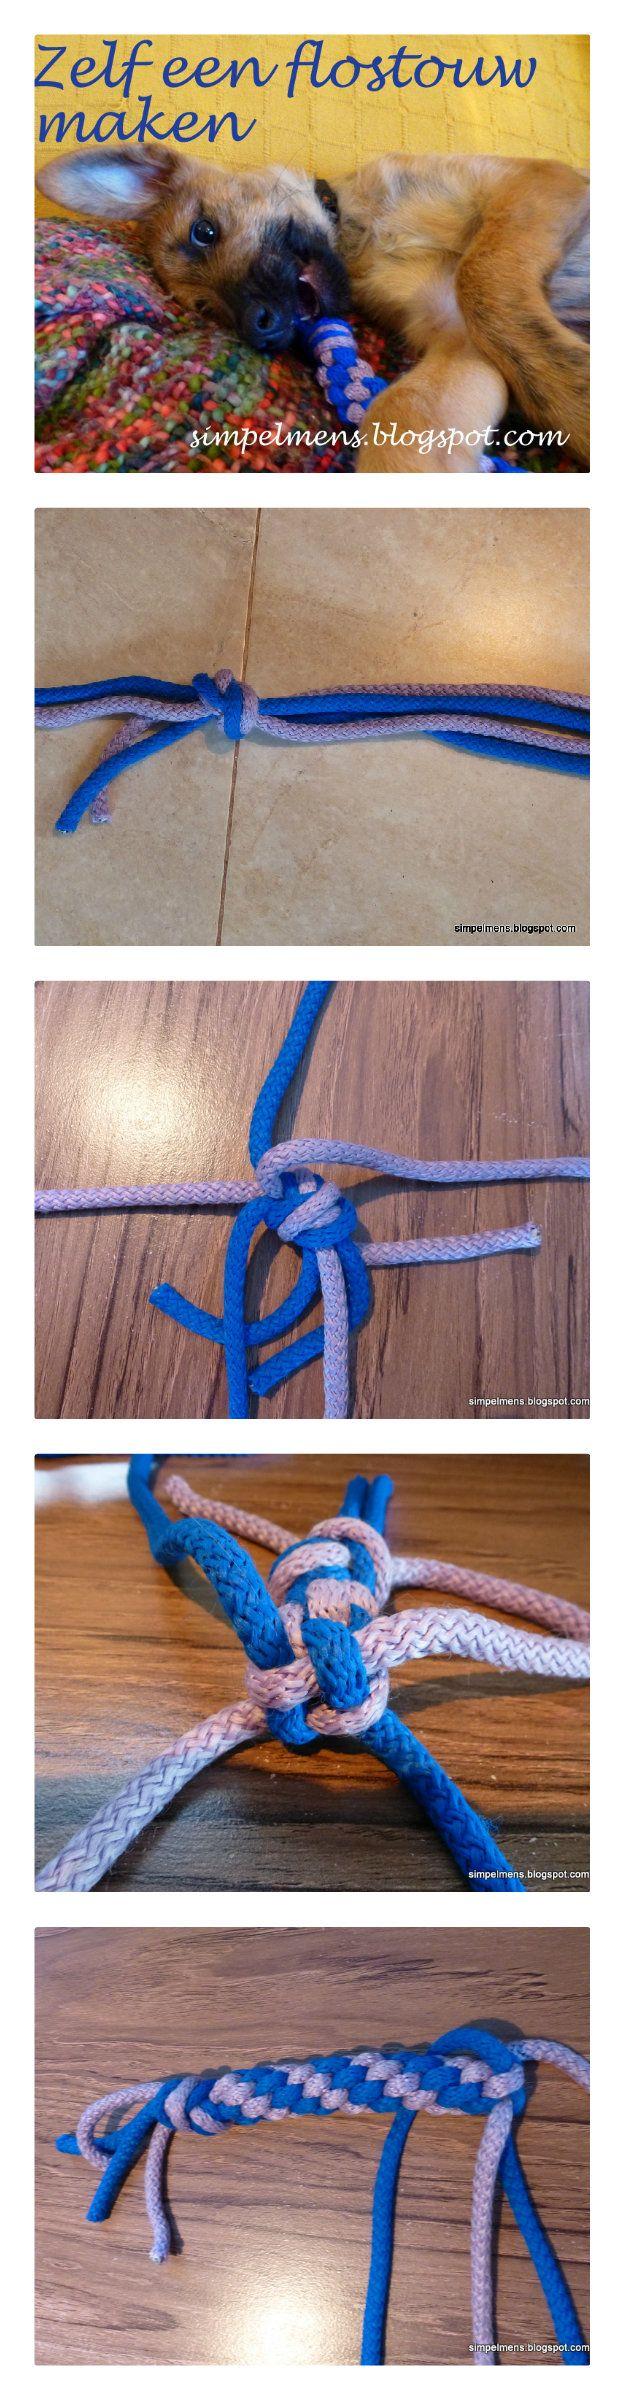 zelf speeltje maken voor de hond met touw - http://simpelmens.blogspot.com.es/2015/02/zelf-speelgoed-maken-voor-je-puppy.html